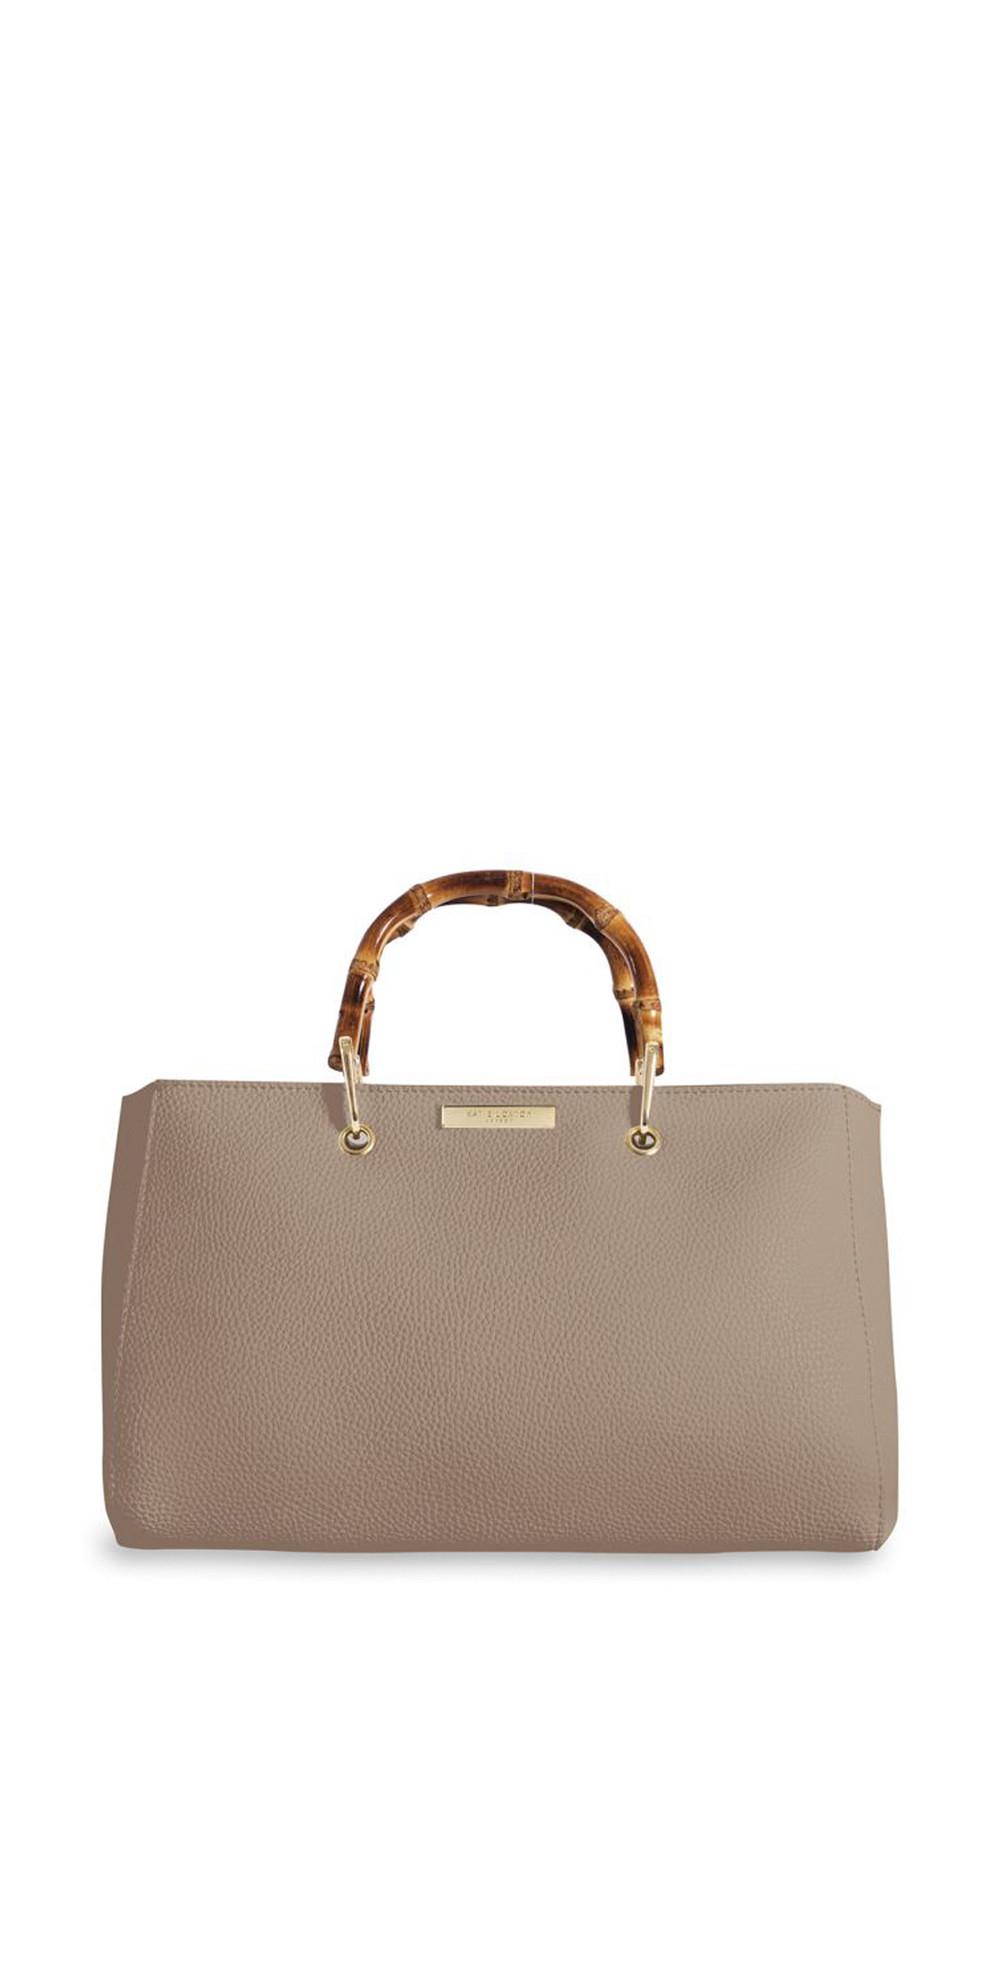 Avery Bamboo Handbag main image